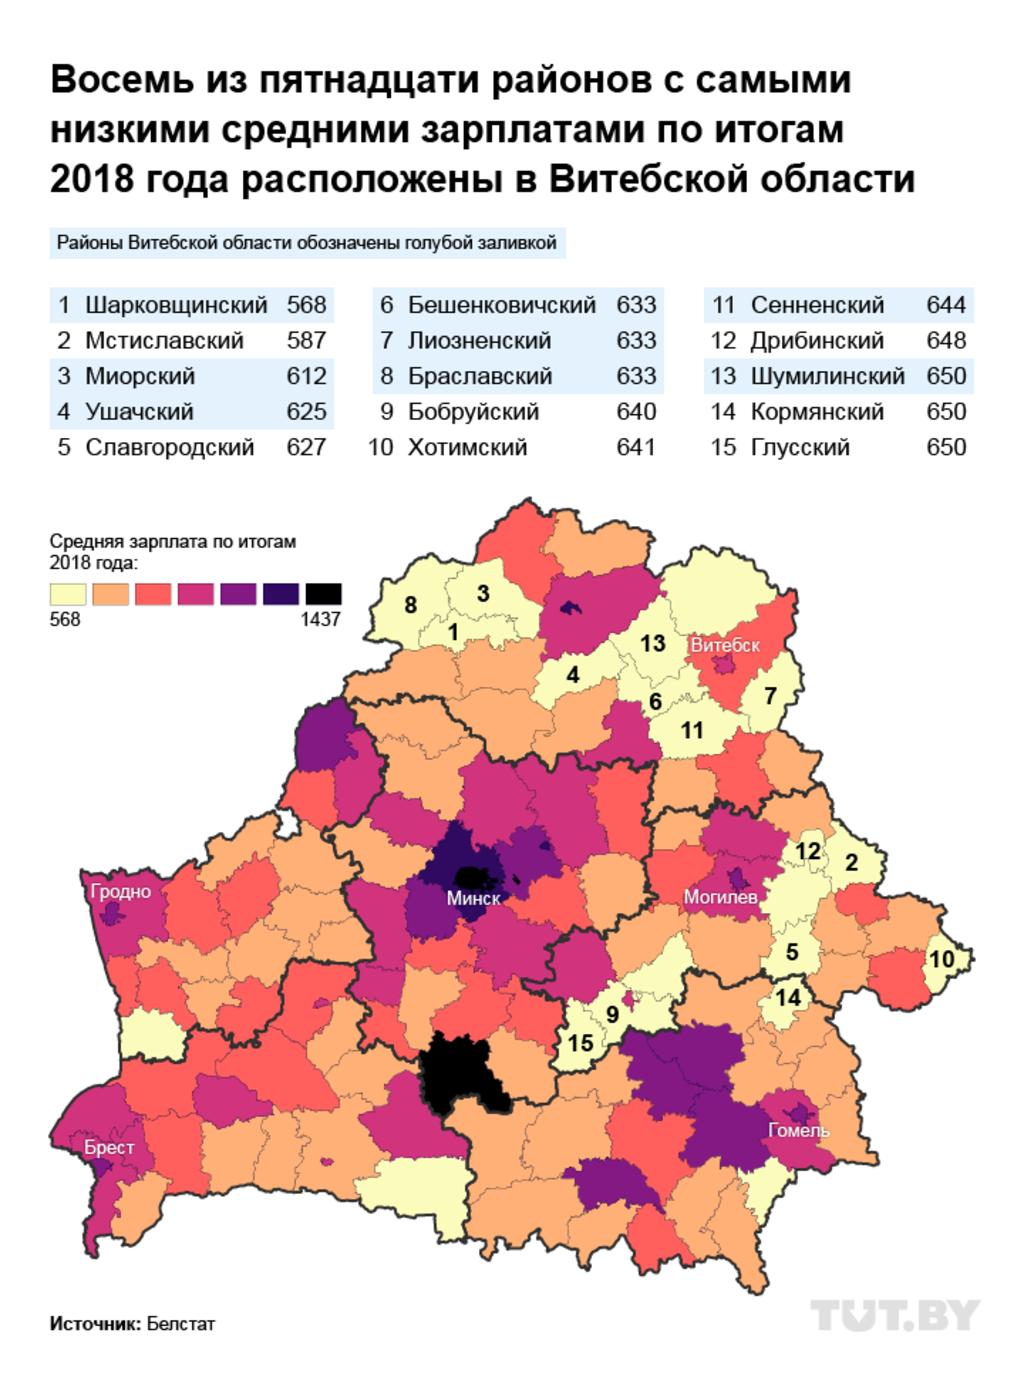 2019.02.19 c17 s7 1 poverty in vibebsk region d